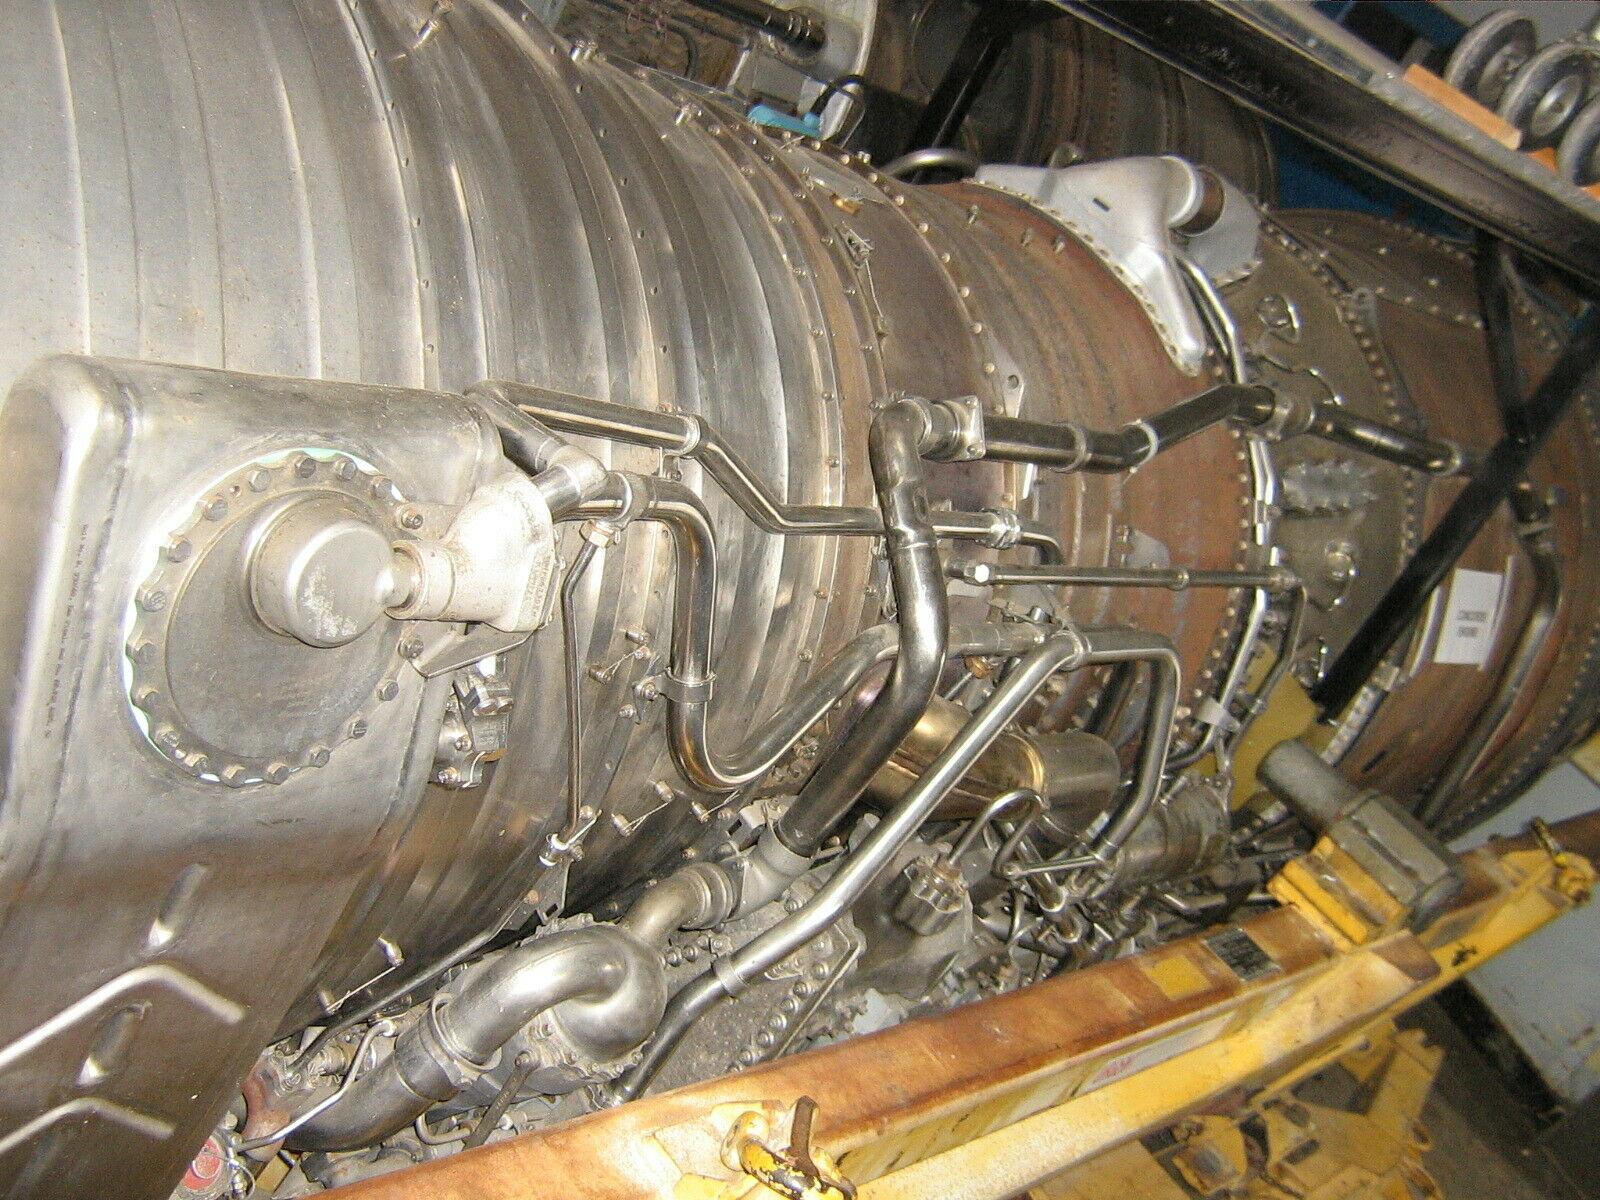 Двигатель от Concorde на eBay теперь может купить любой